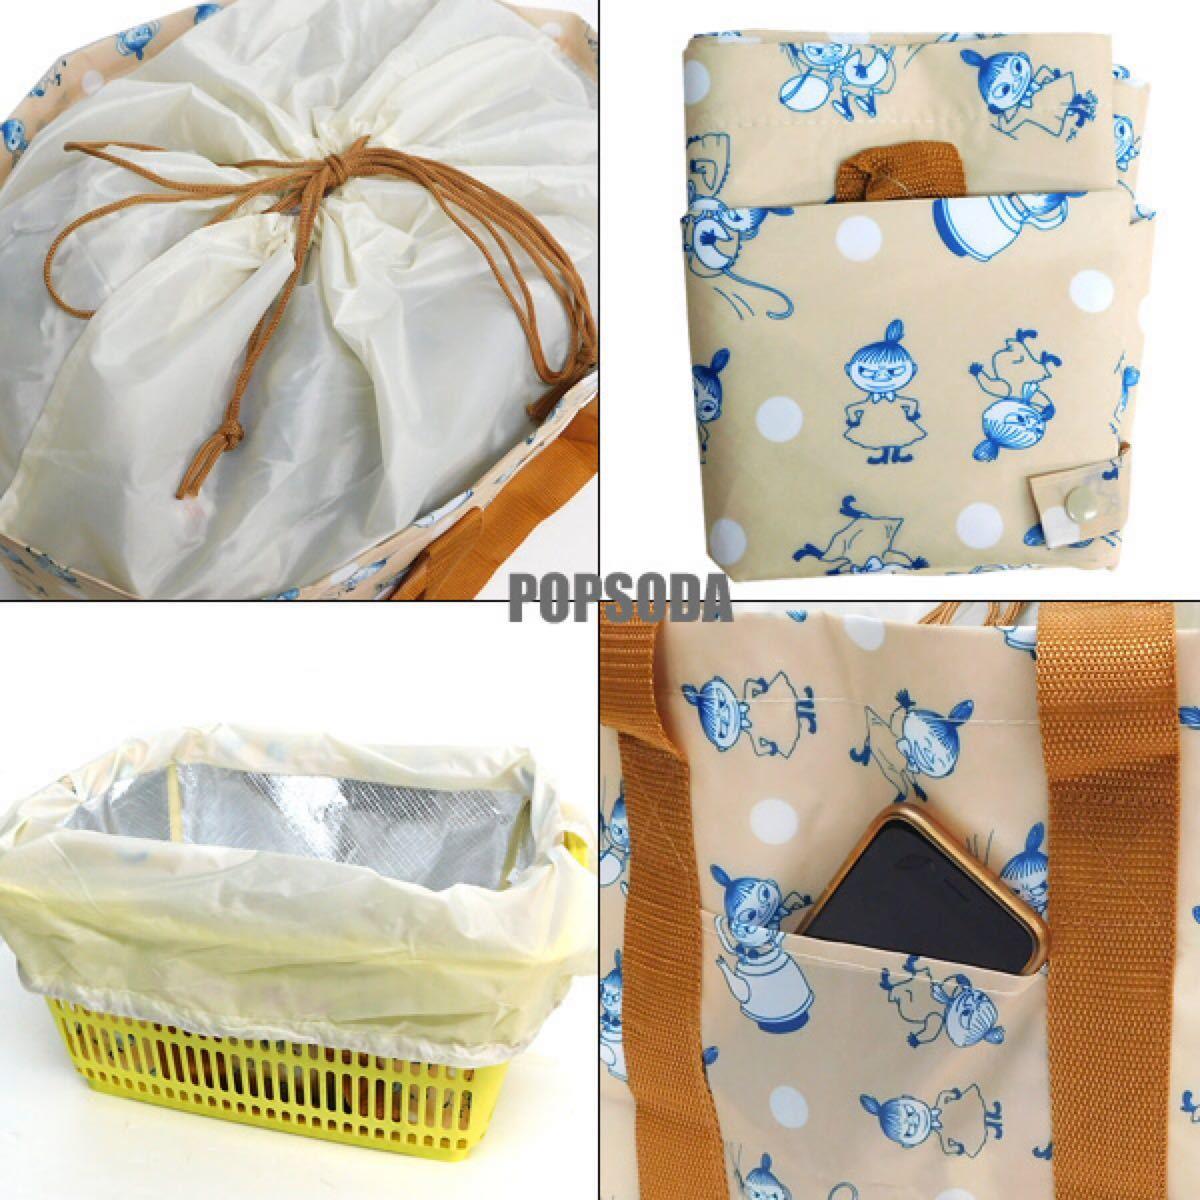 新品 ムーミン 保冷バッグ レジカゴバッグ レディース エコバッグ 大容量 BE クーラーバッグ ボストンバッグ  保冷 バッグ